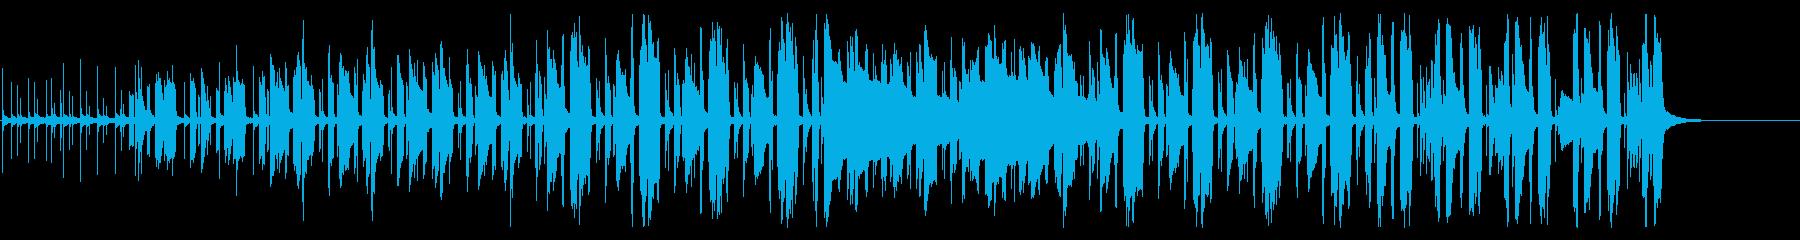 ダーティーな雰囲気のホーンセクションの再生済みの波形